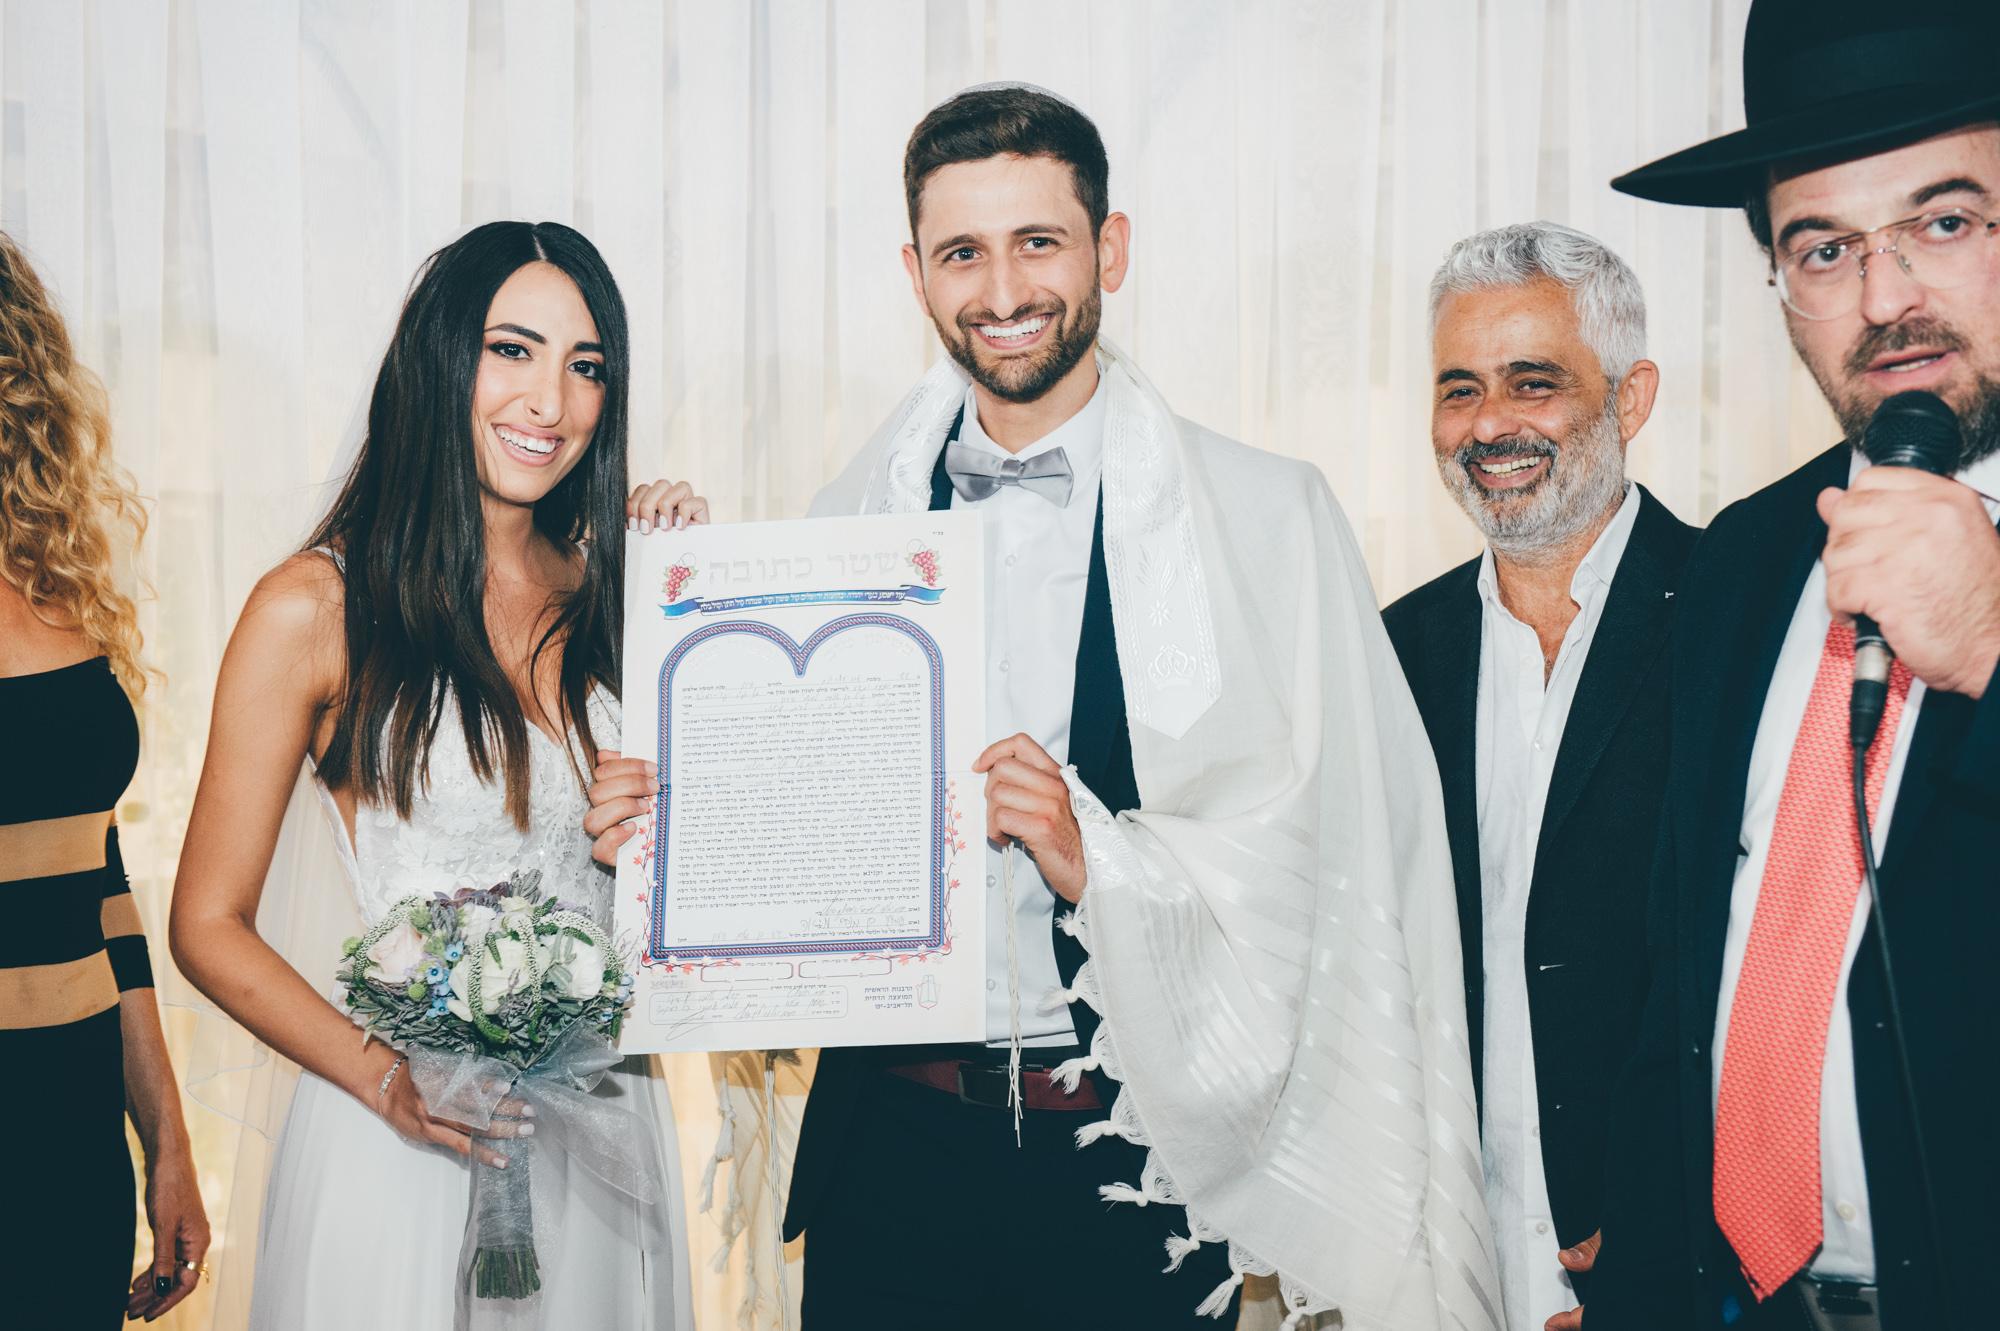 Wedding photos by - Asaf Kliger-79.jpg